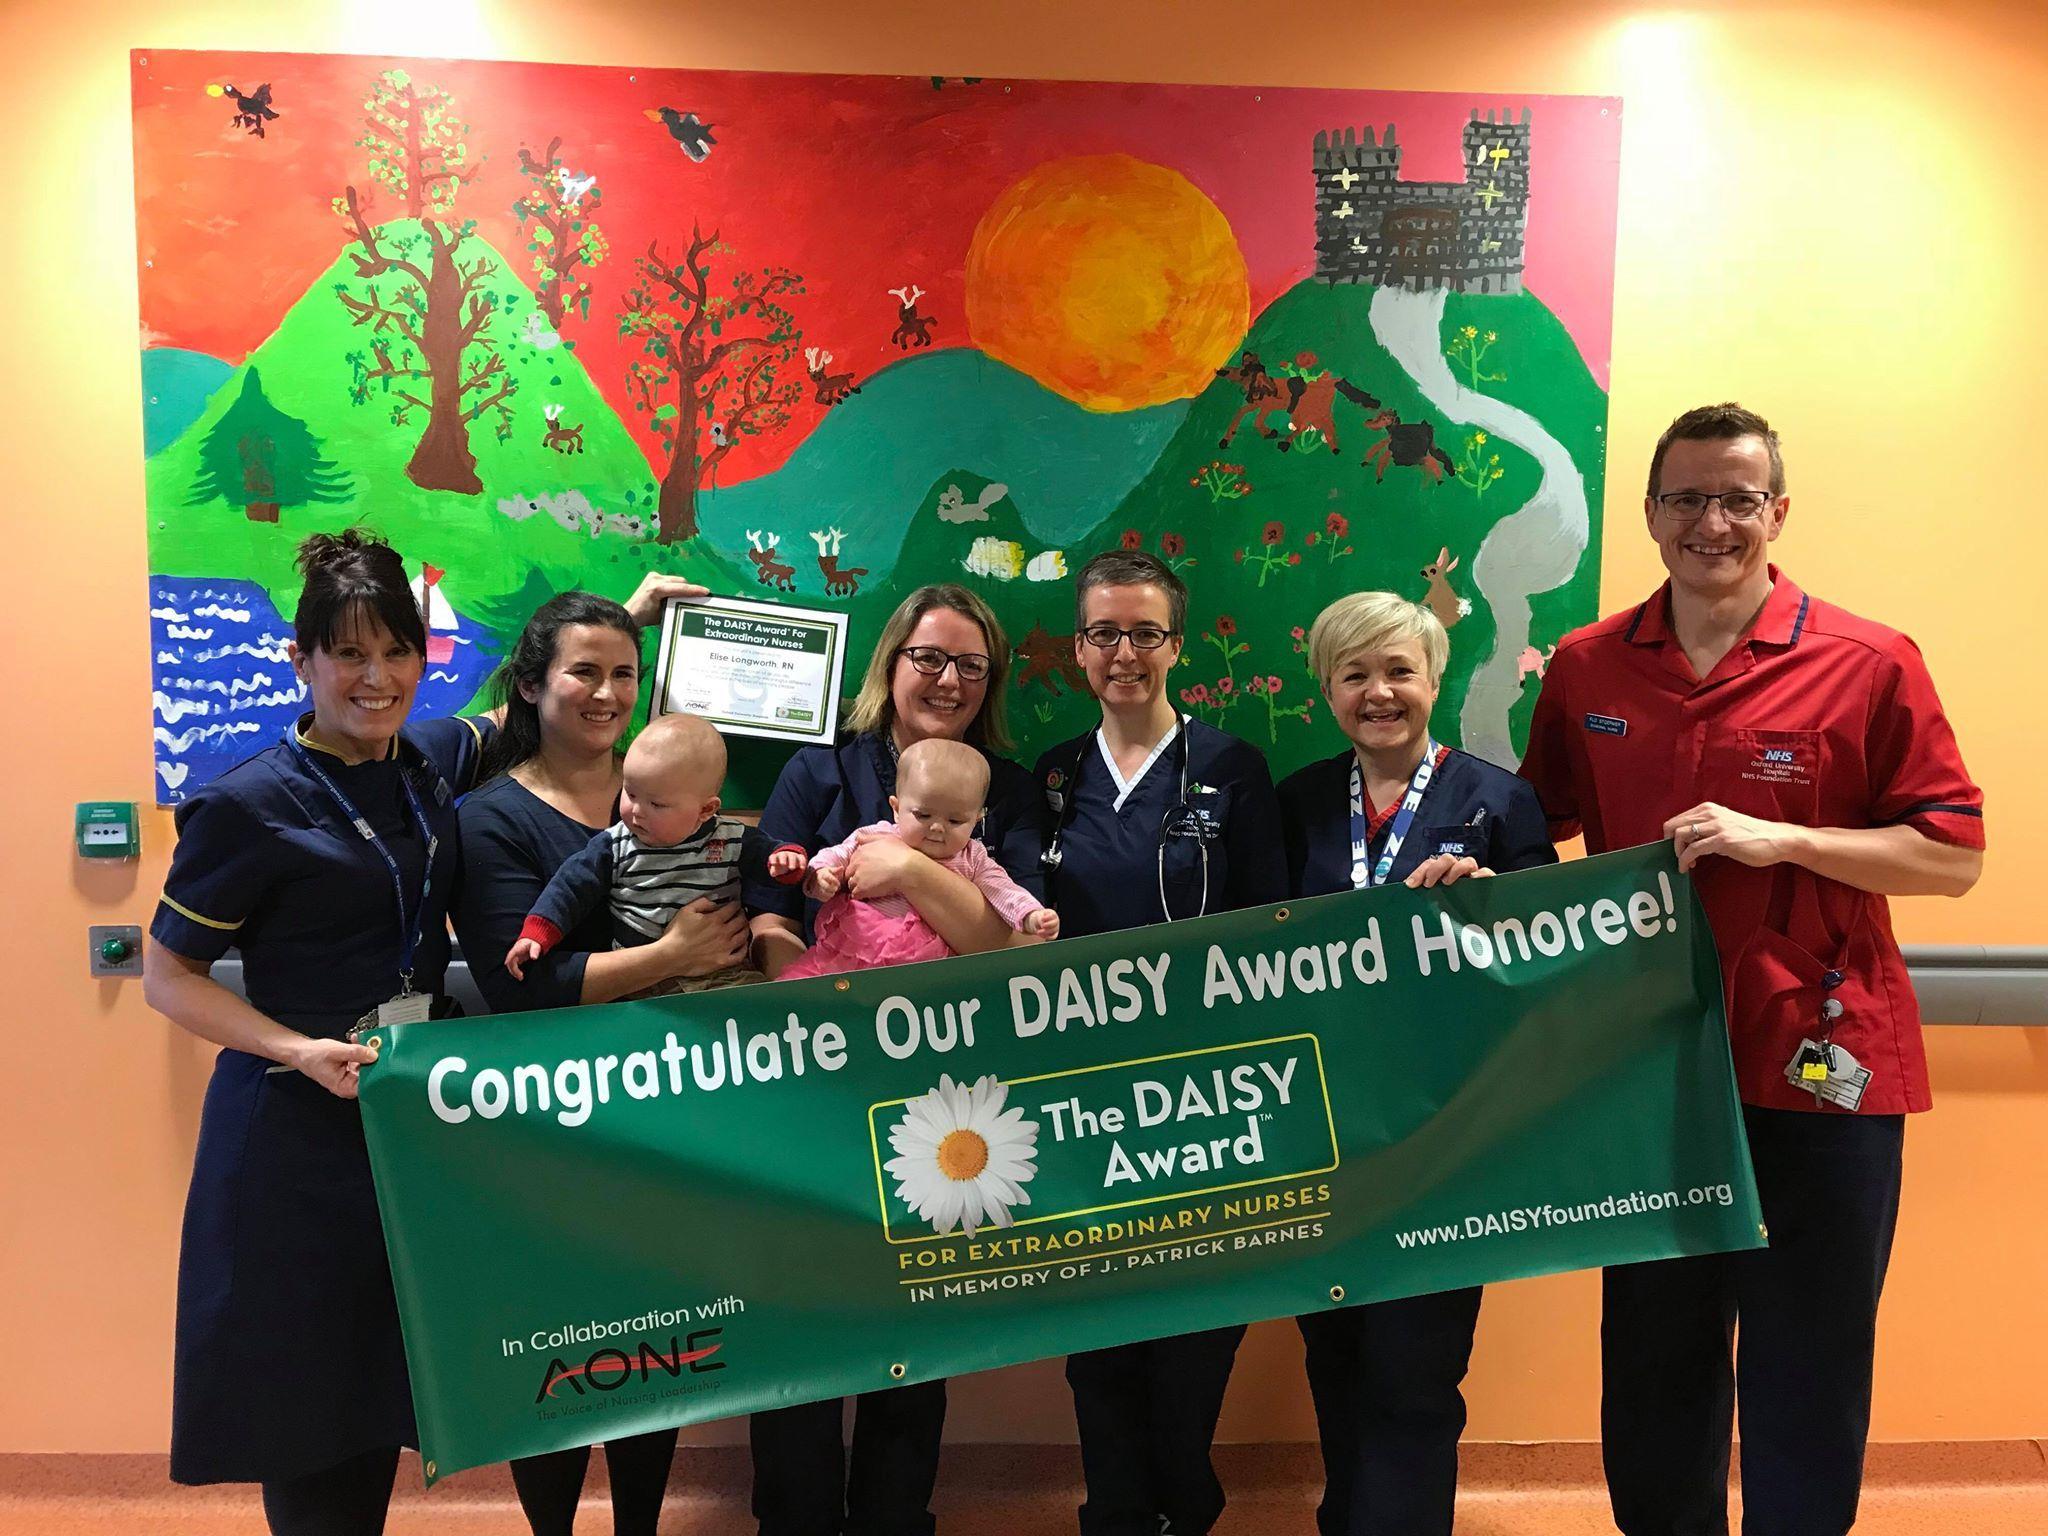 Oxford University Hospitals nurses honoured with DAISY award | The